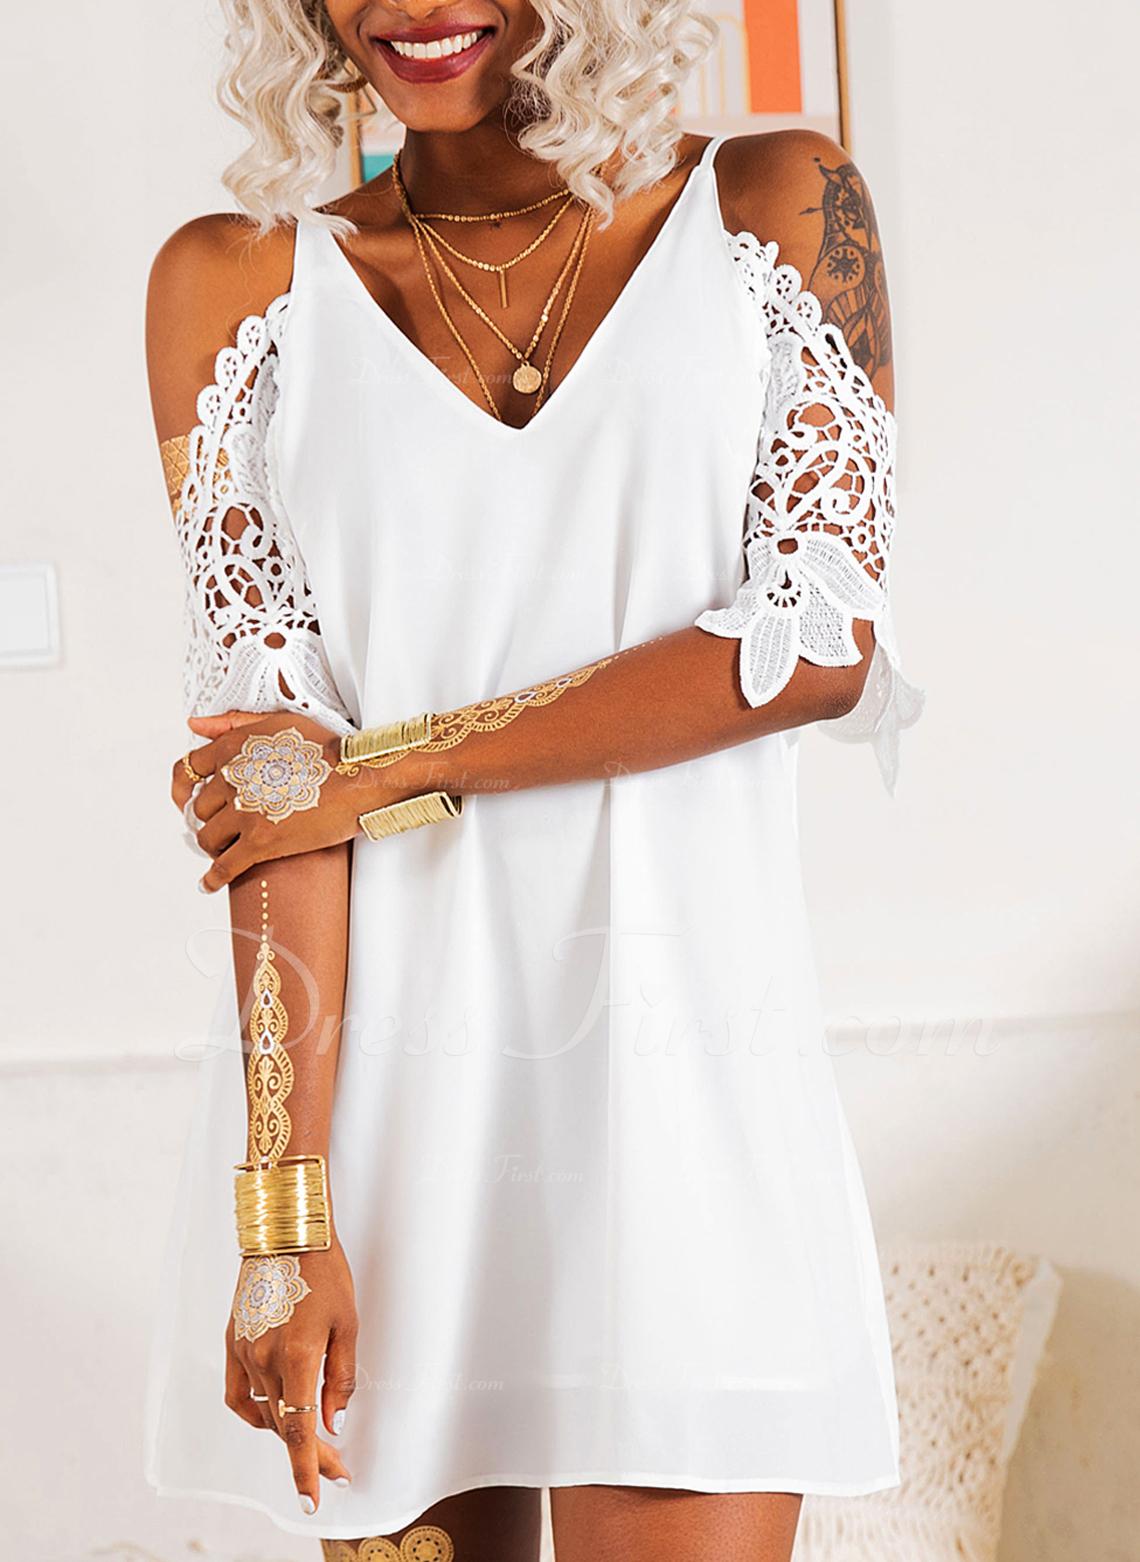 レース 固体 シフトドレス 3/4袖 コールドショルダースリーブ ミニ リトルブラックドレス パーティー エレガント チュニック ファッションドレス